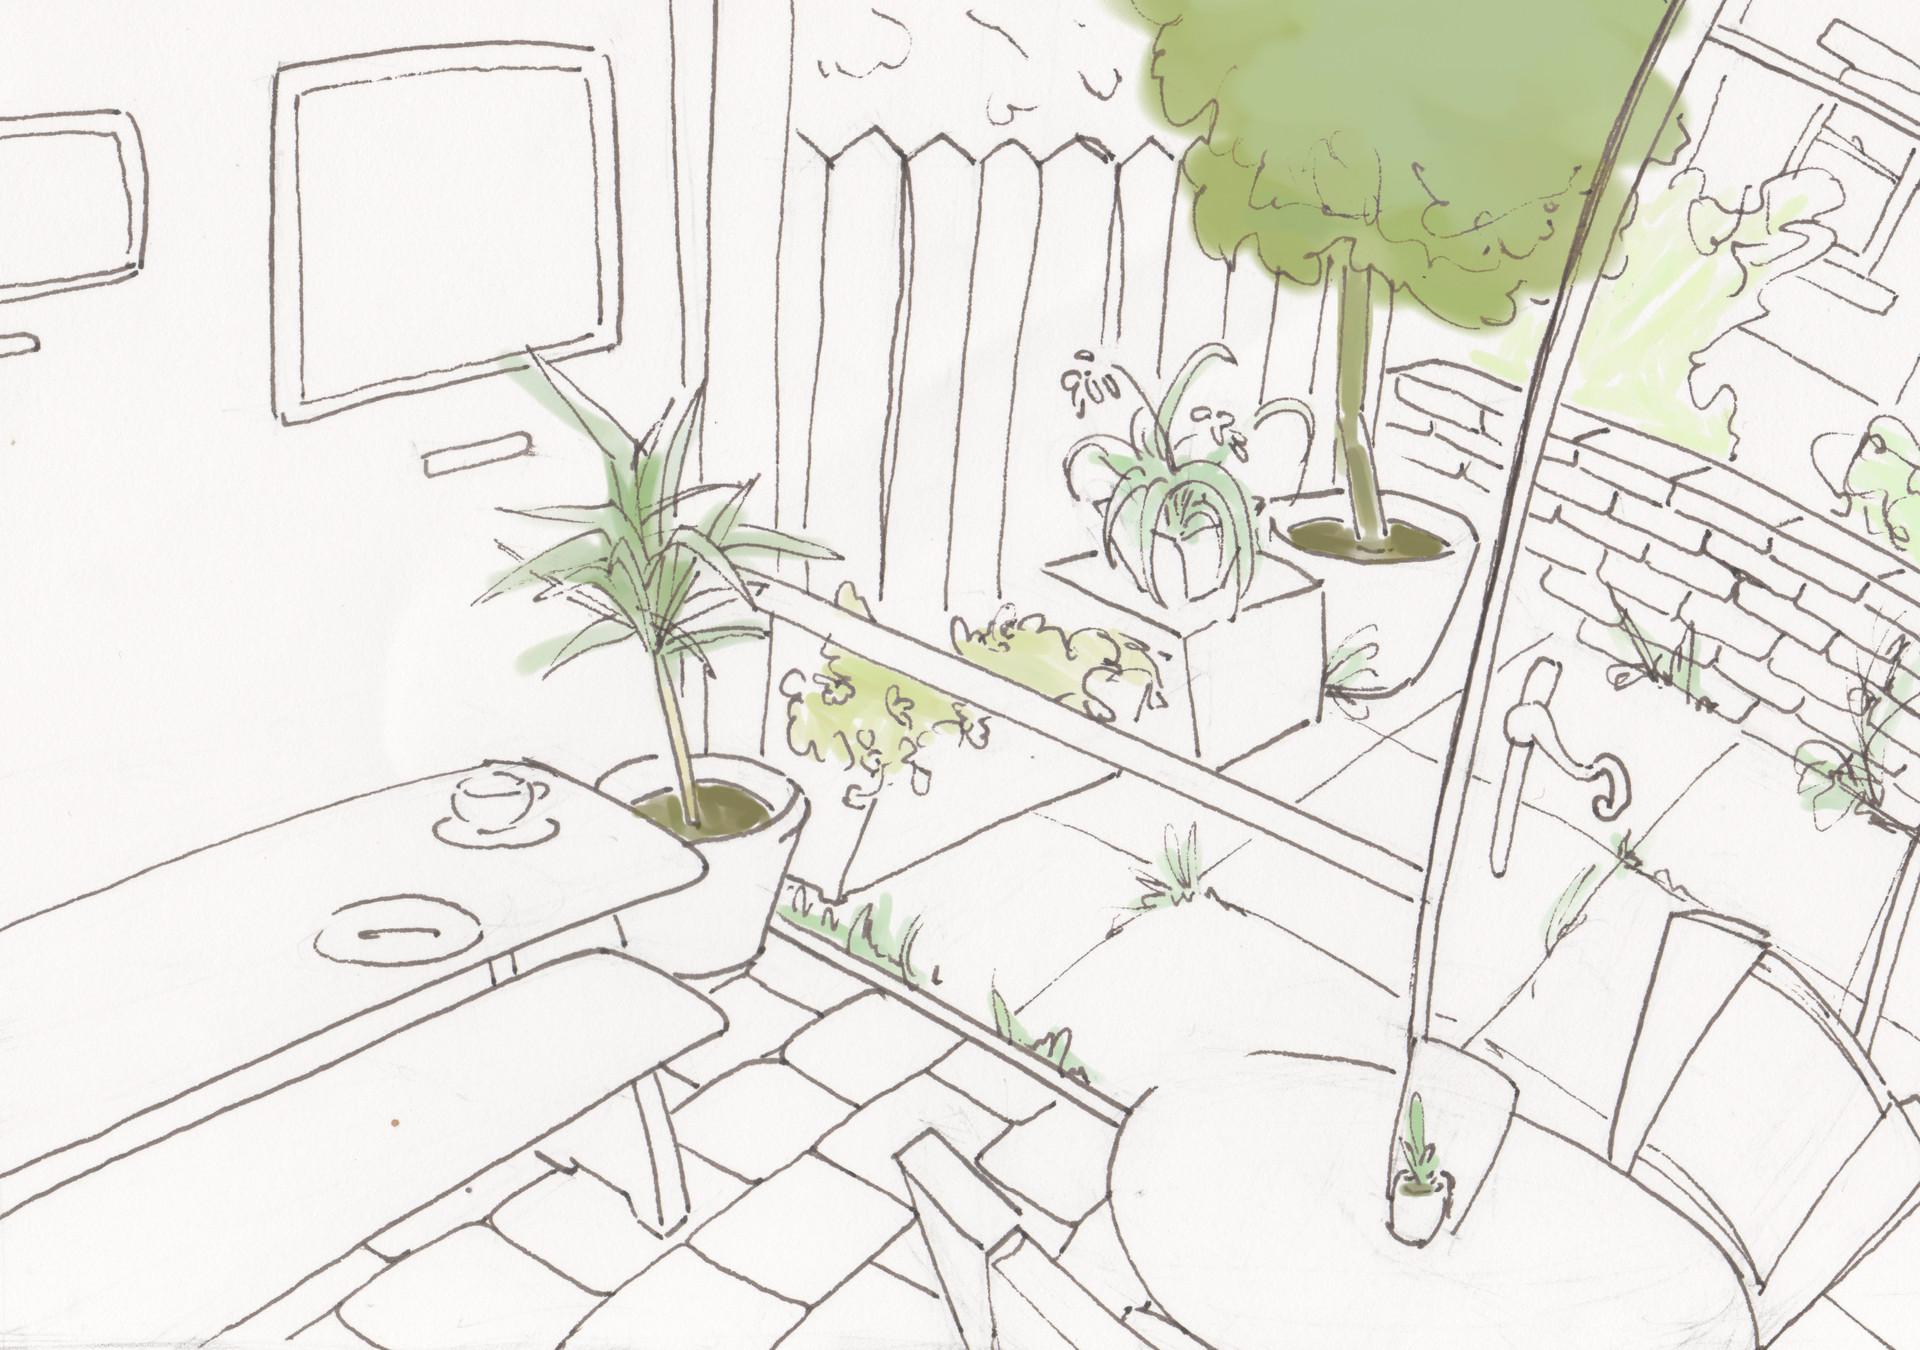 Eireni moutoussi back garden